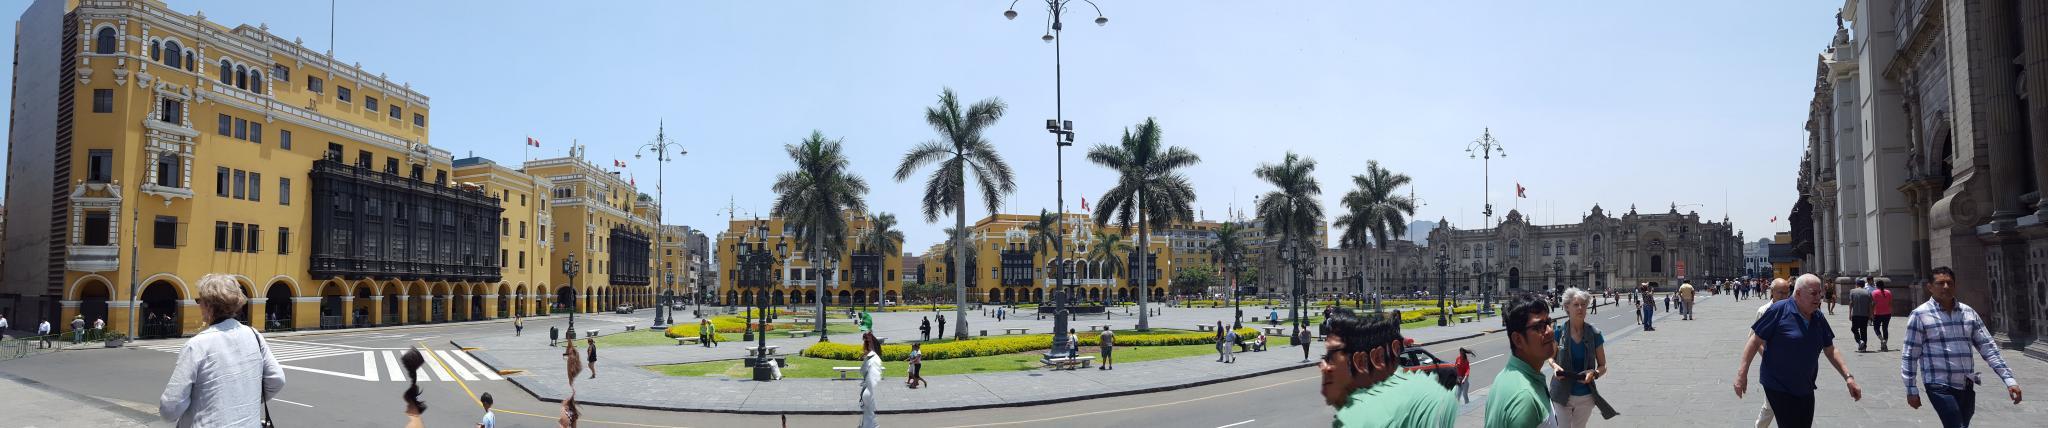 Peru: Lima, Cusco and Machu Picchu-downtown-jpg